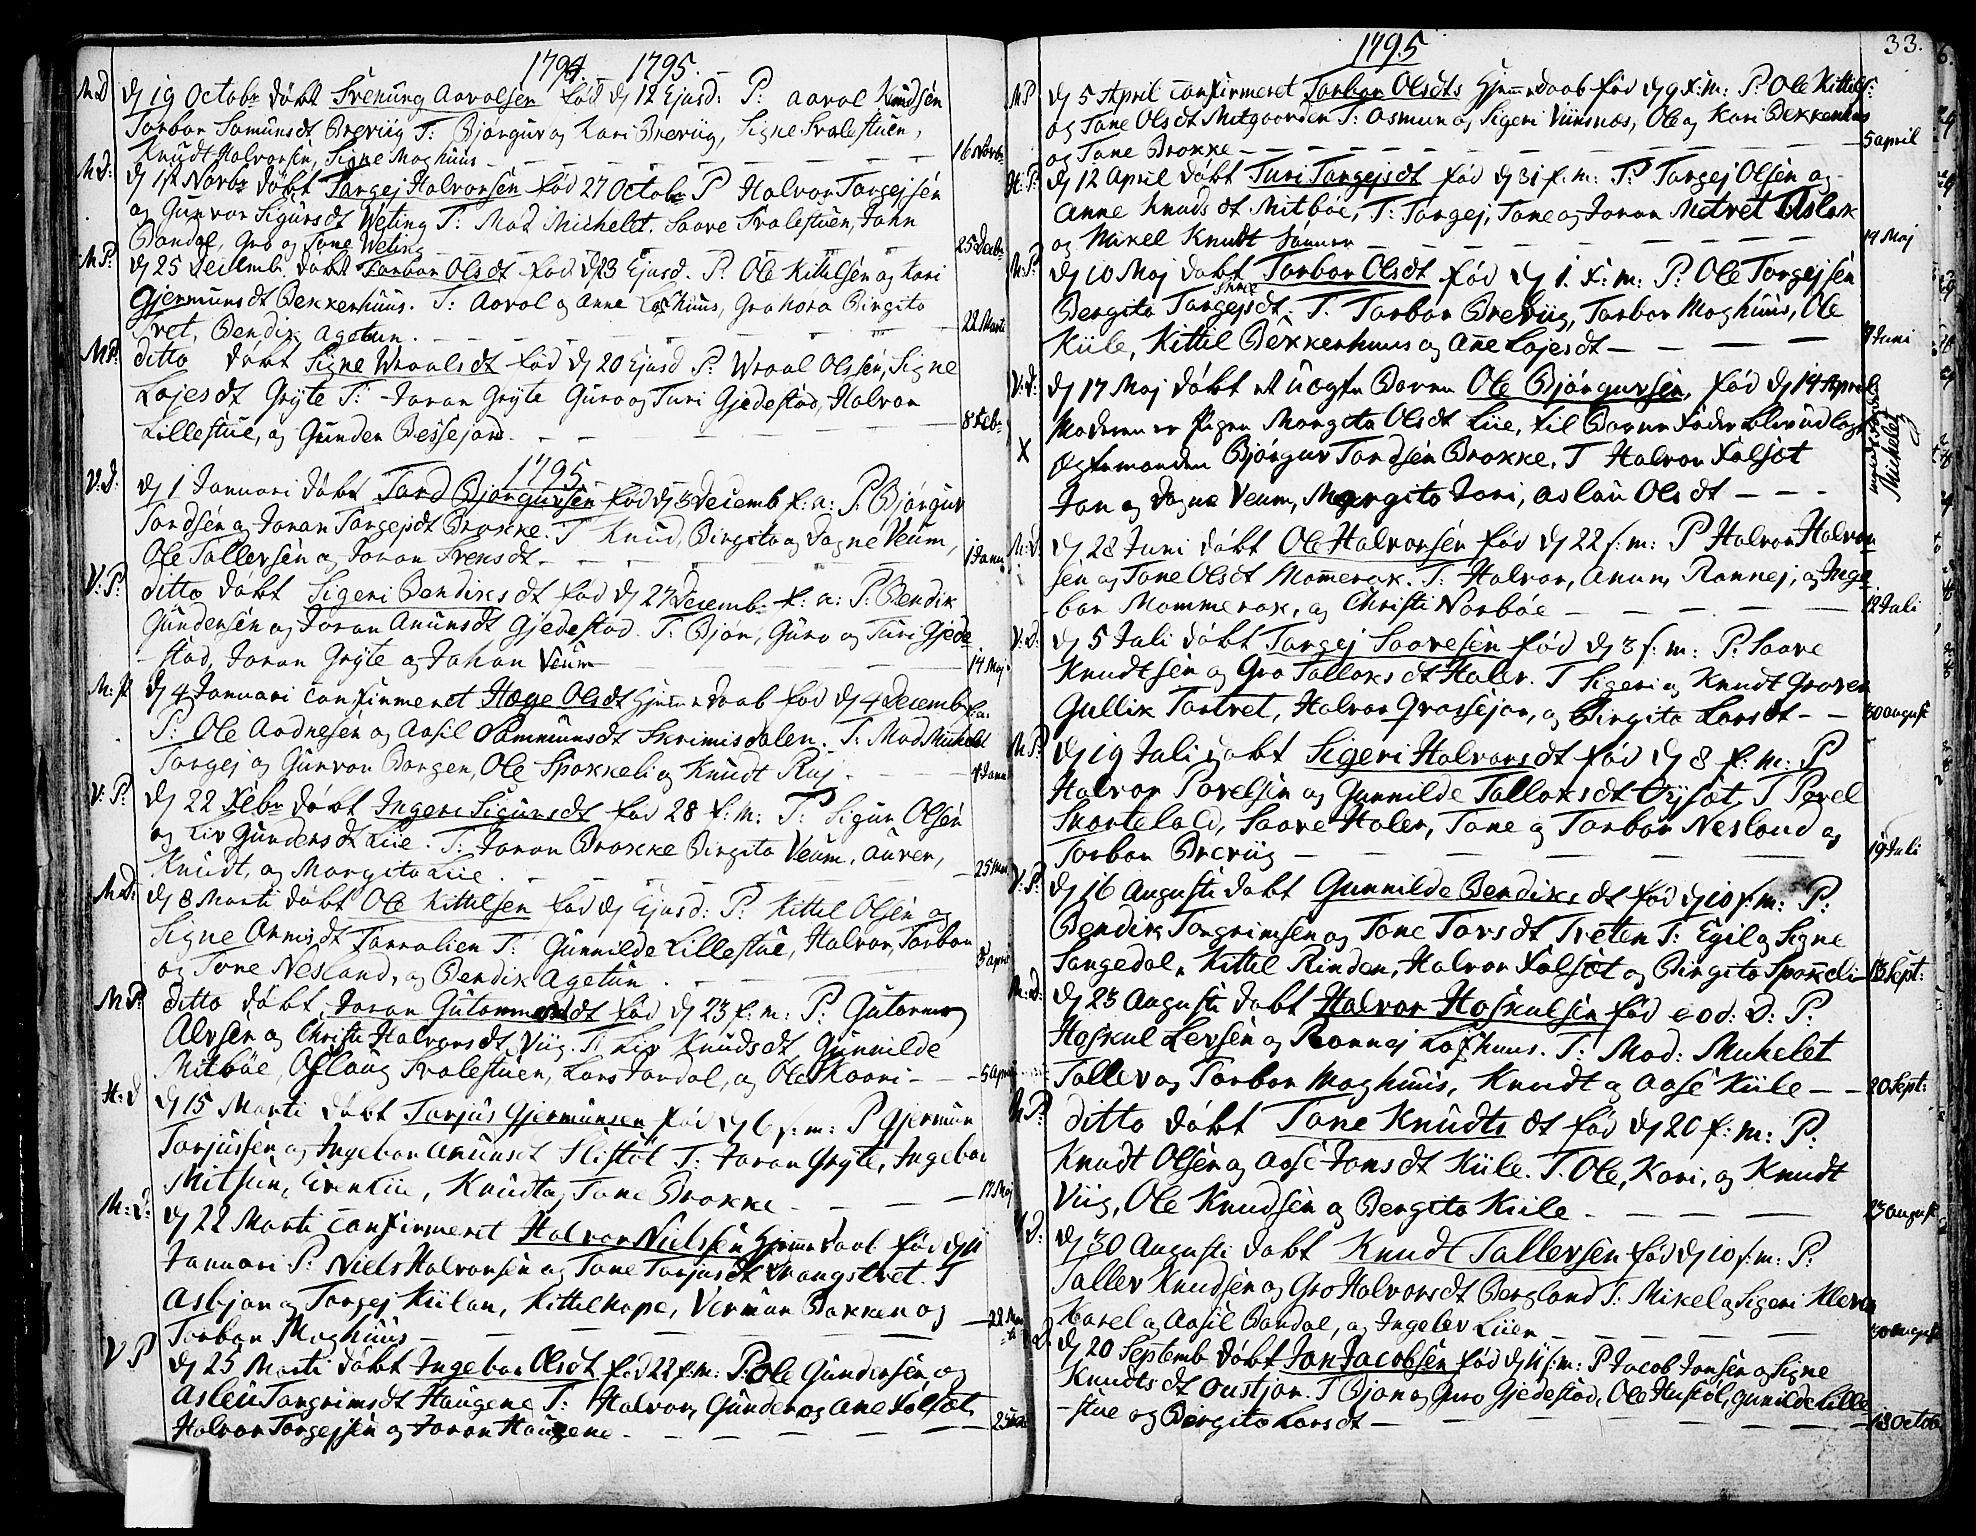 SAKO, Fyresdal kirkebøker, F/Fa/L0002: Ministerialbok nr. I 2, 1769-1814, s. 33